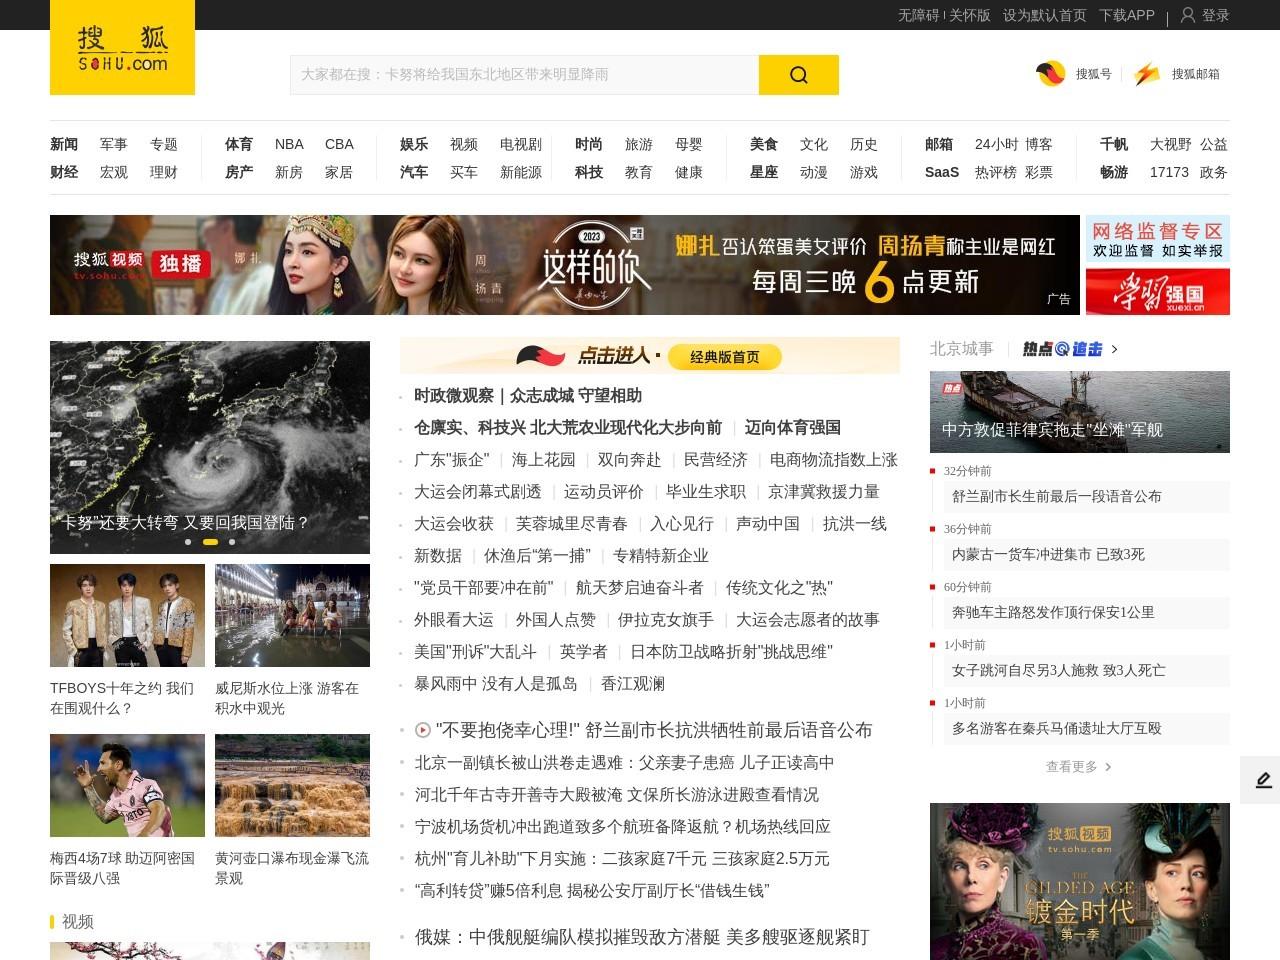 高清图:NCAA贝勒大学夺冠 主帅与球员相拥庆祝-搜狐大视野-搜狐新闻